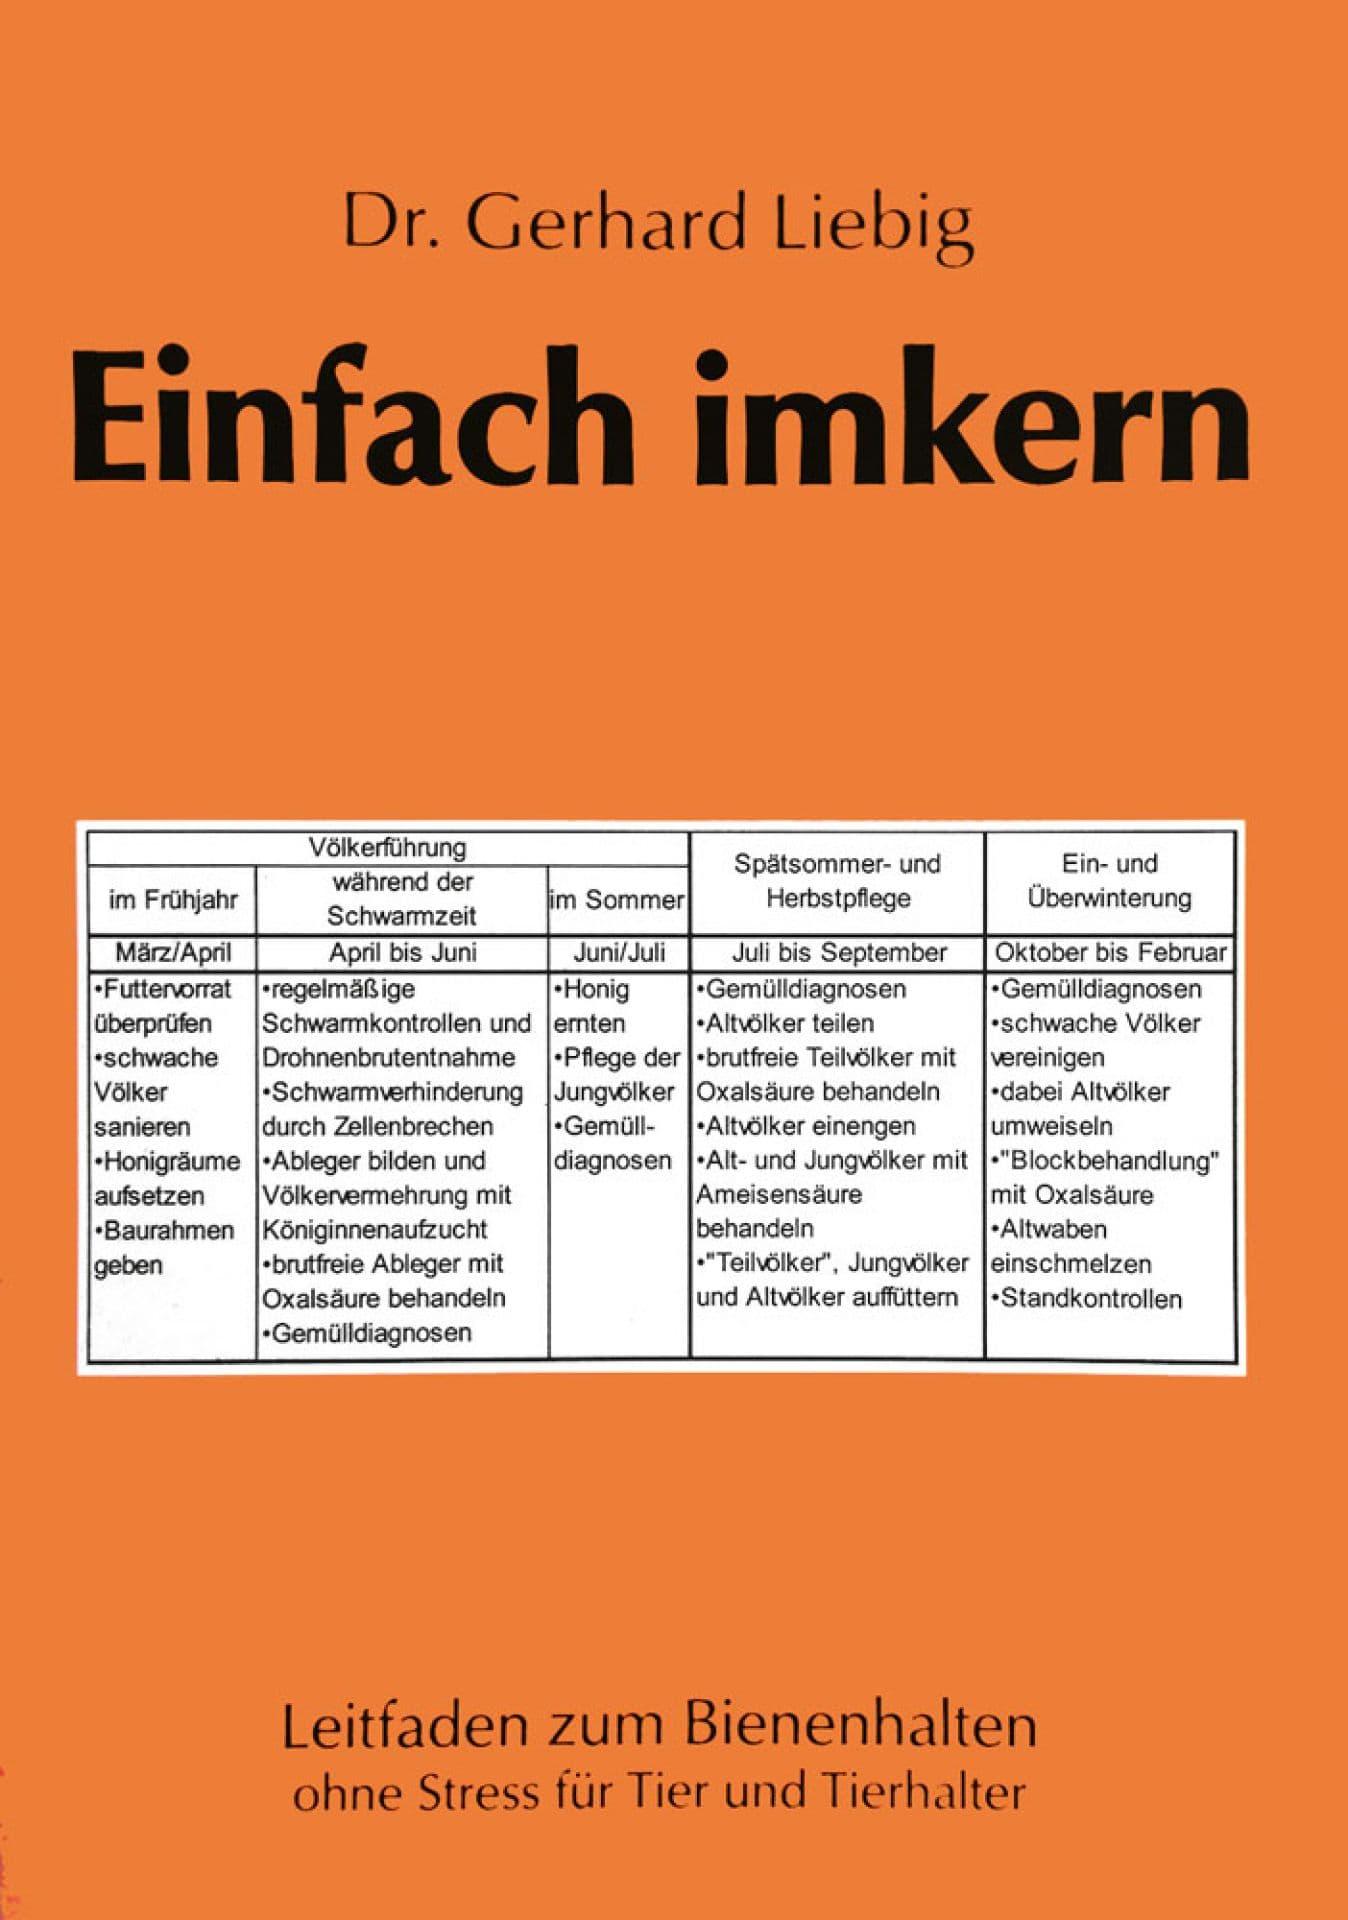 Einfach imkern, Dr. Liebig Gerhard, überarbeitete 4. Auflage